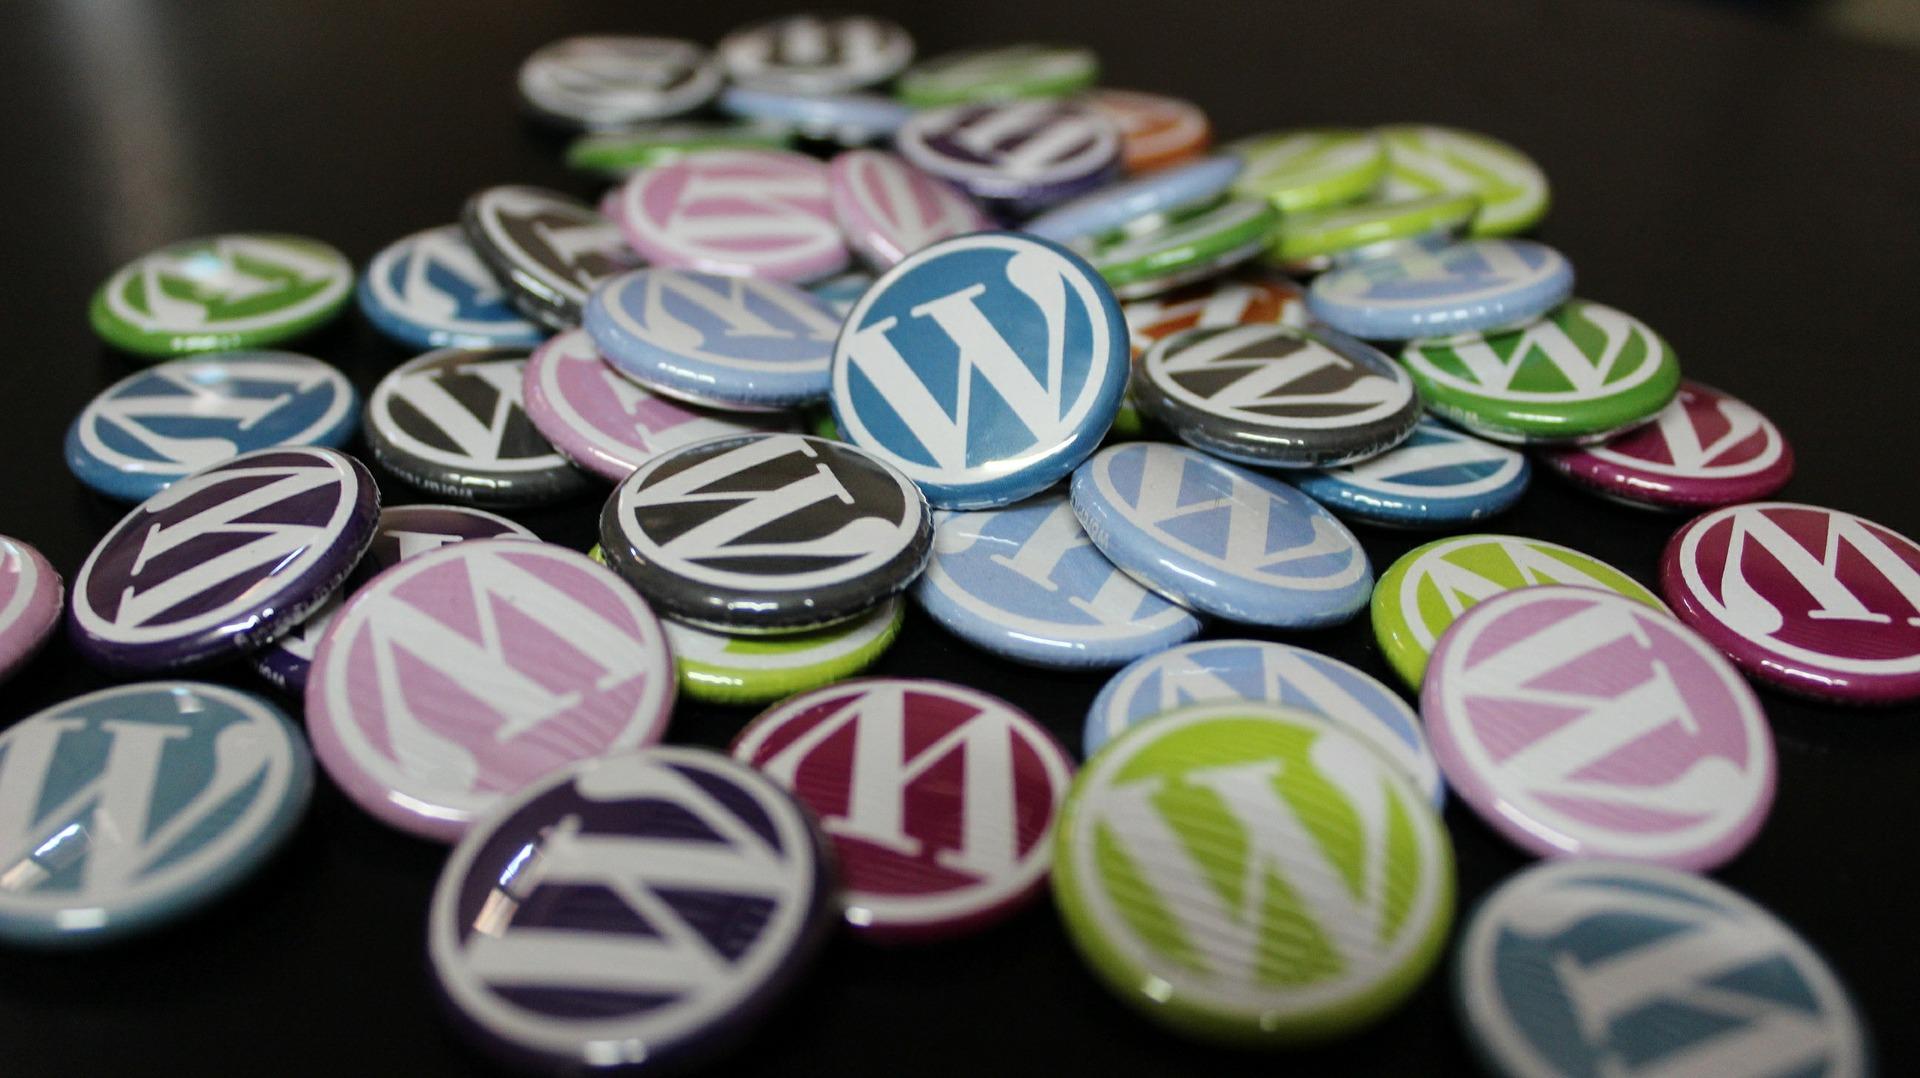 wordpress 552924 1920 - WordPressの説明でよく出てくるCMSとは?